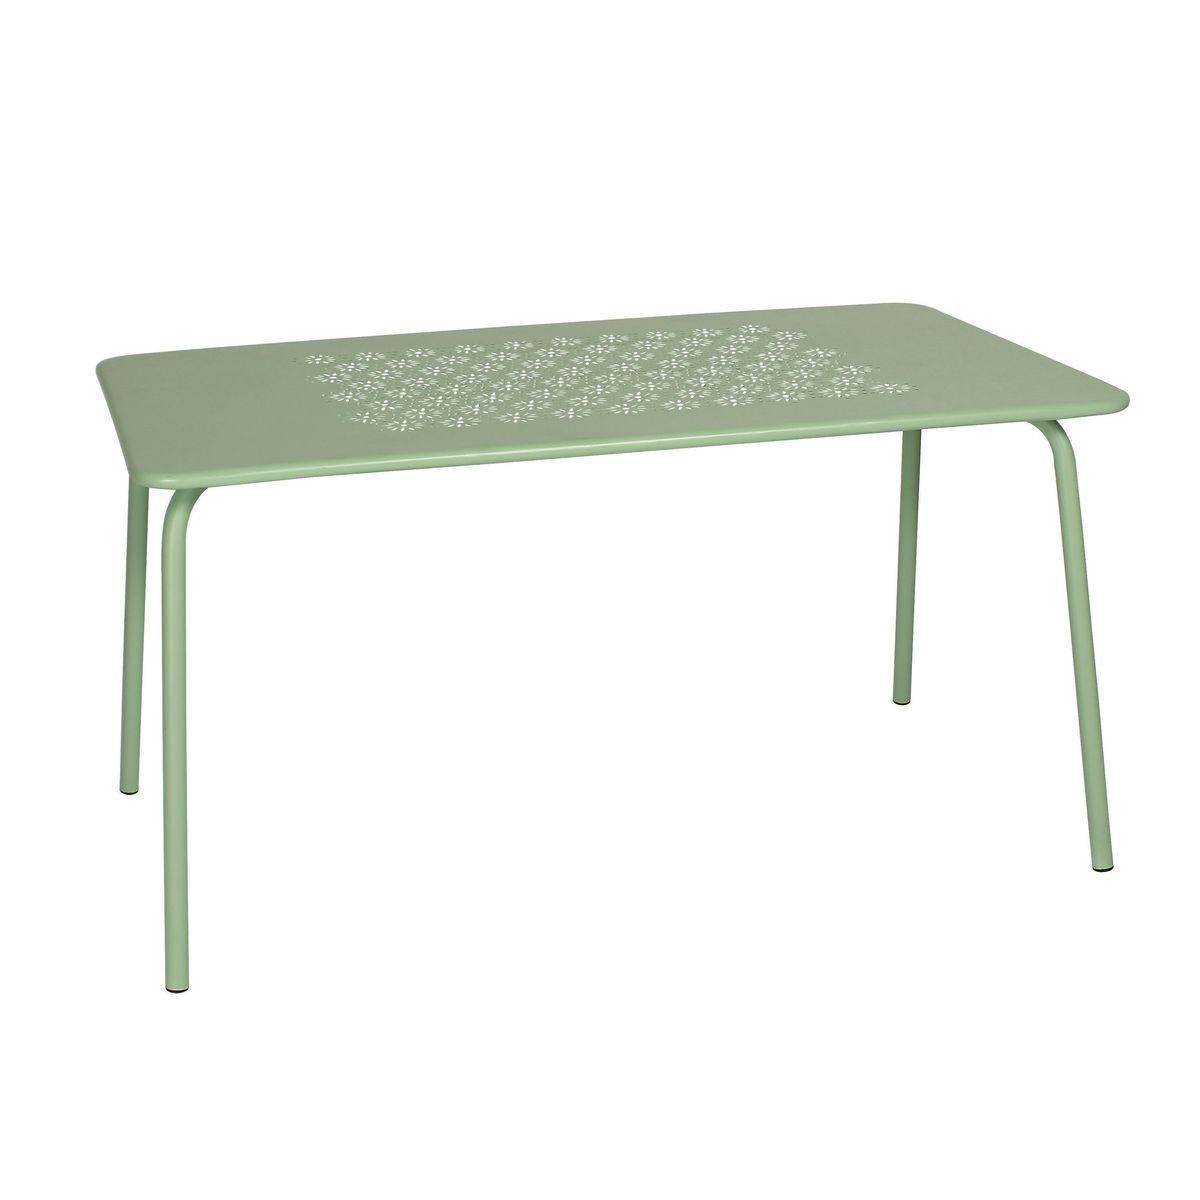 Table d'extérieur en métal vert L140